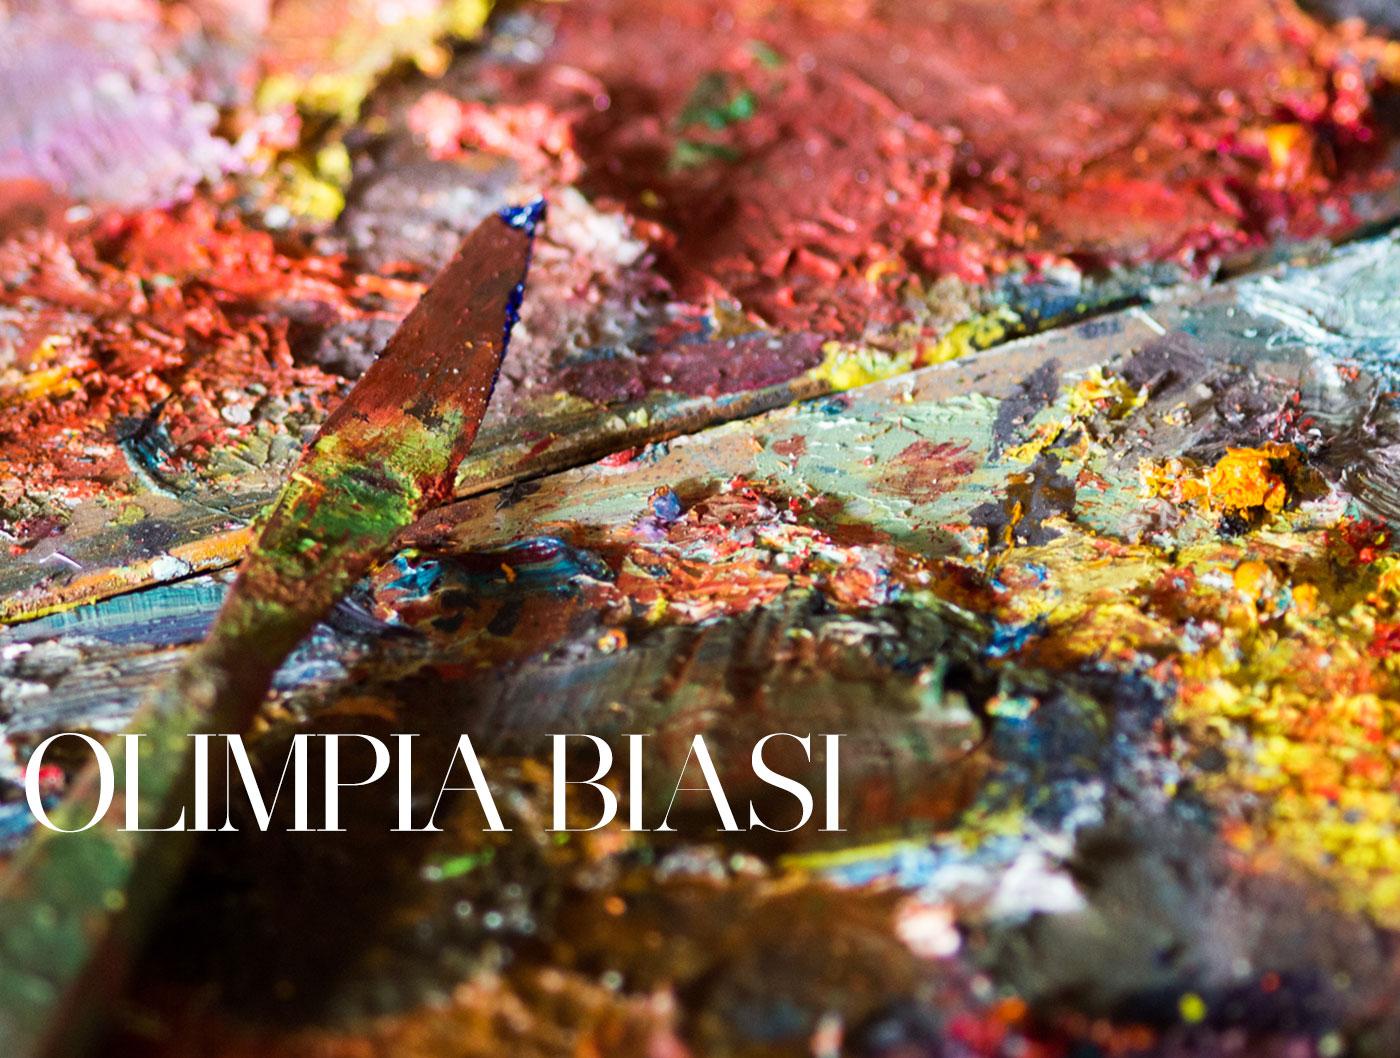 olimpia biasi, pittrice - tavolozza di colori evocativa